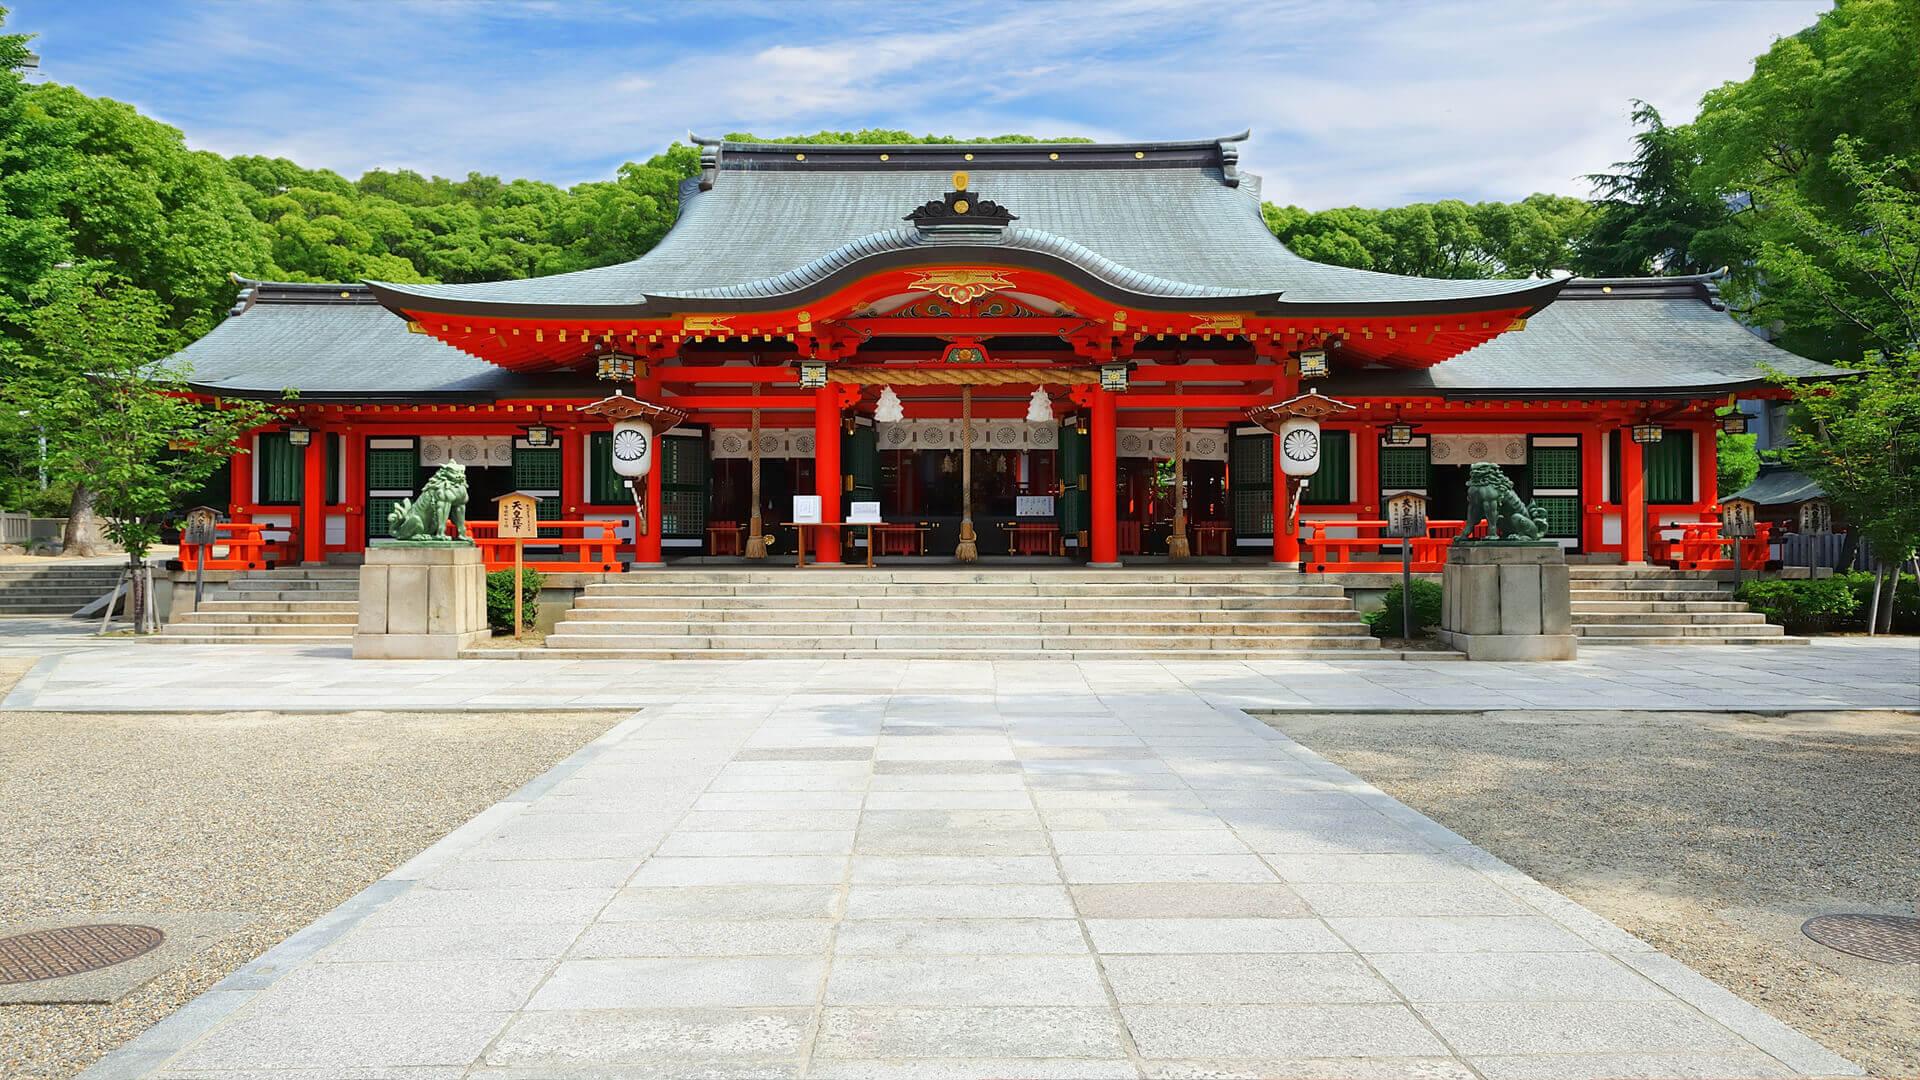 神戸と世界遺産・姫路城を巡る1泊2日の旅